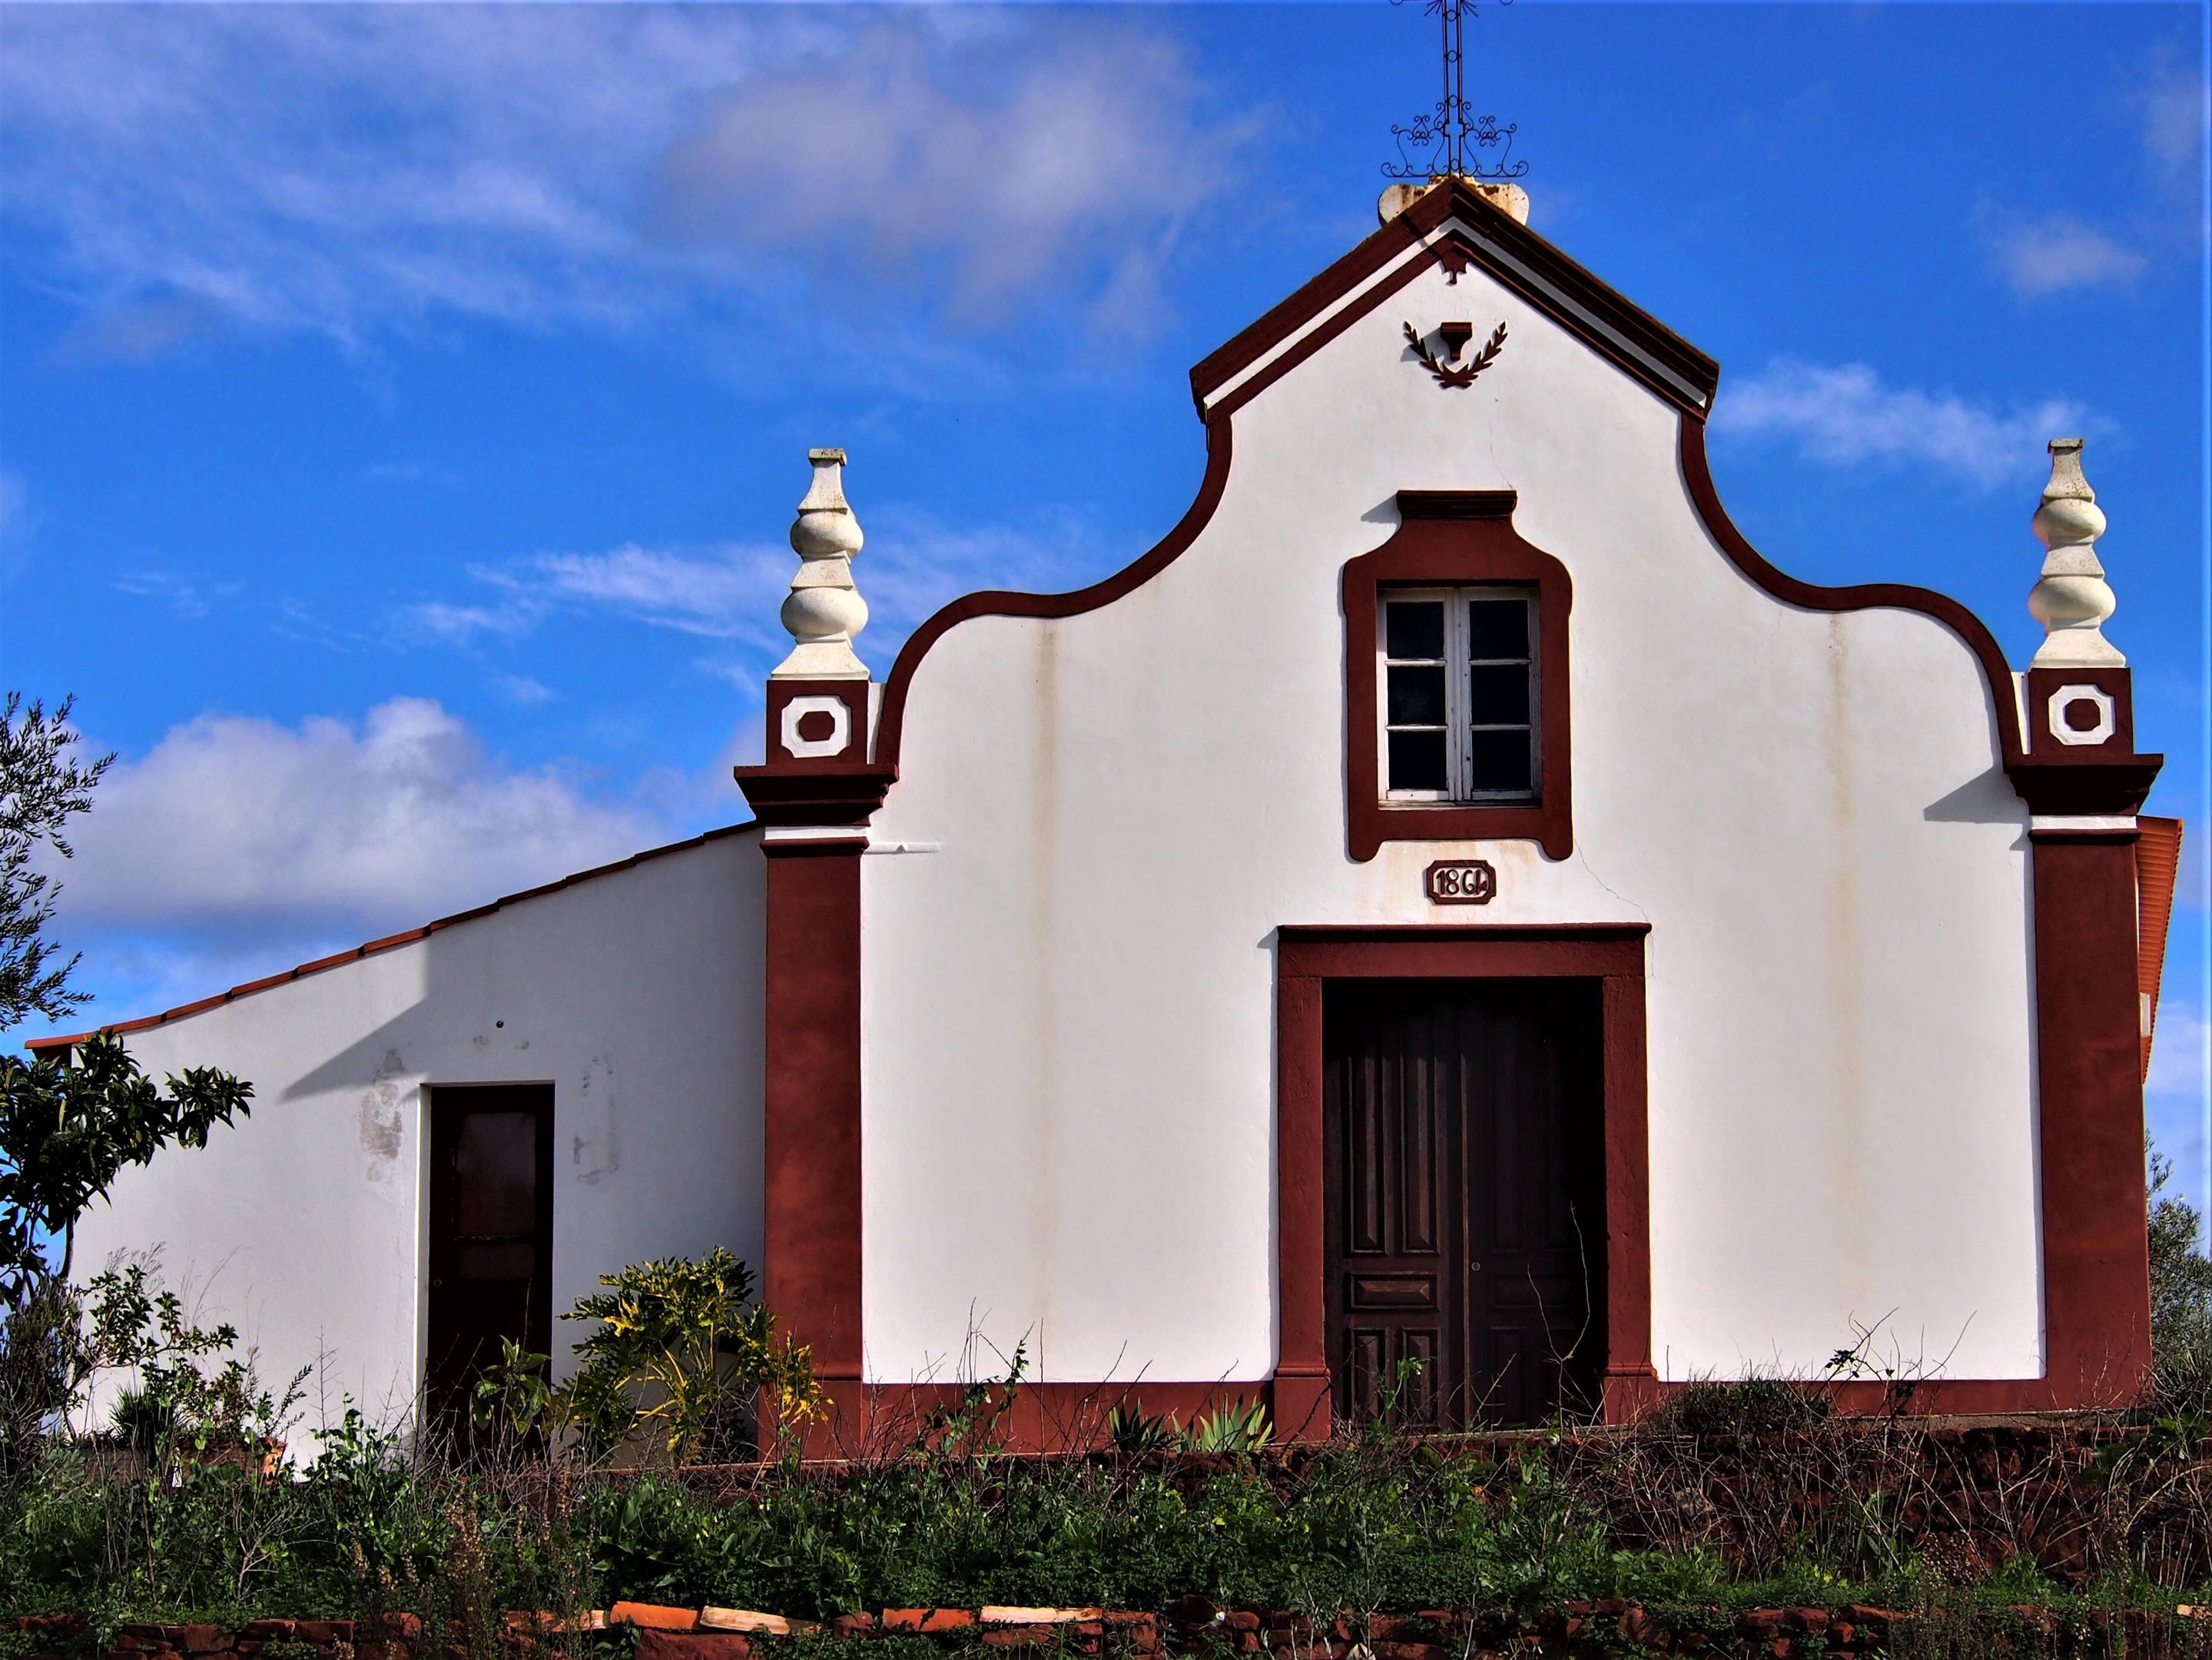 Ermida de Nossa Senhora da Saúde, São Bartolomeu de Messines, Algarve